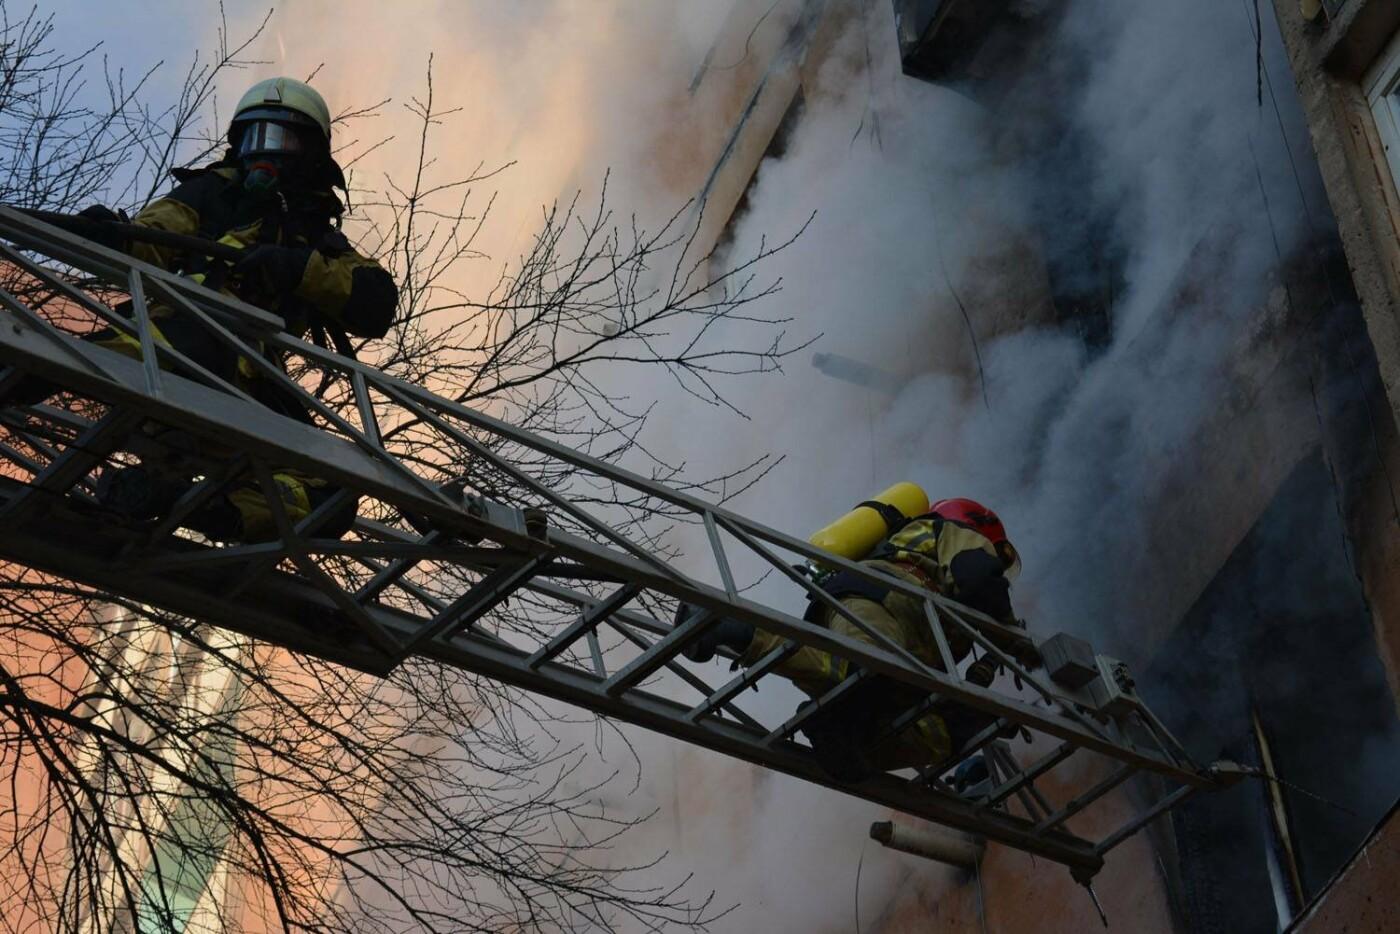 Через пожежу у багатоповерхівці на Годинки в Ужгороді евакуювали 20 чоловік, згоріли 2 кімнати (ФОТО, ВІДЕО, УСІ ПОДРОБИЦІ), фото-7